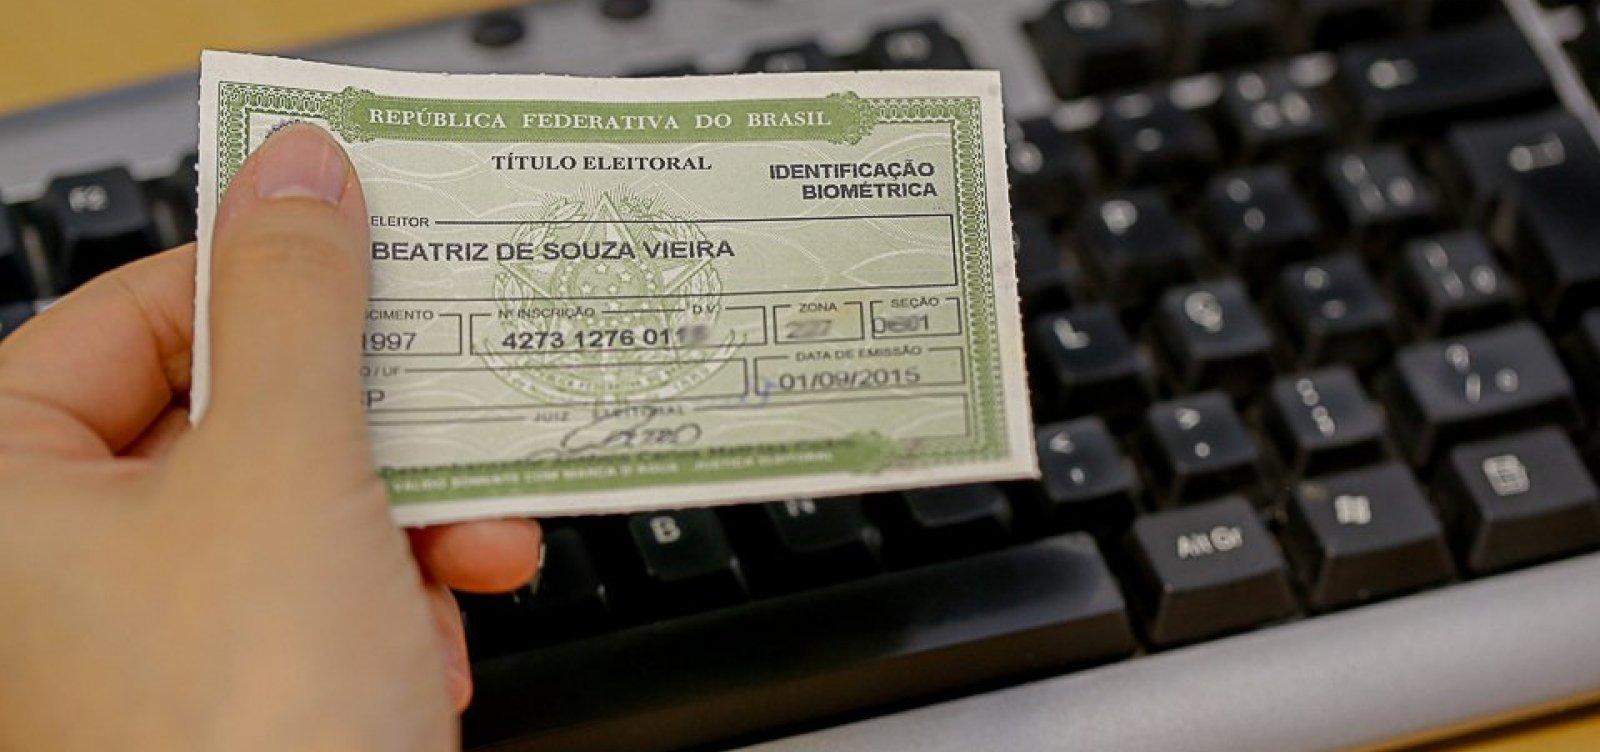 Eleitores de 39 municípios baianos têm até amanhã para fazer a biometria